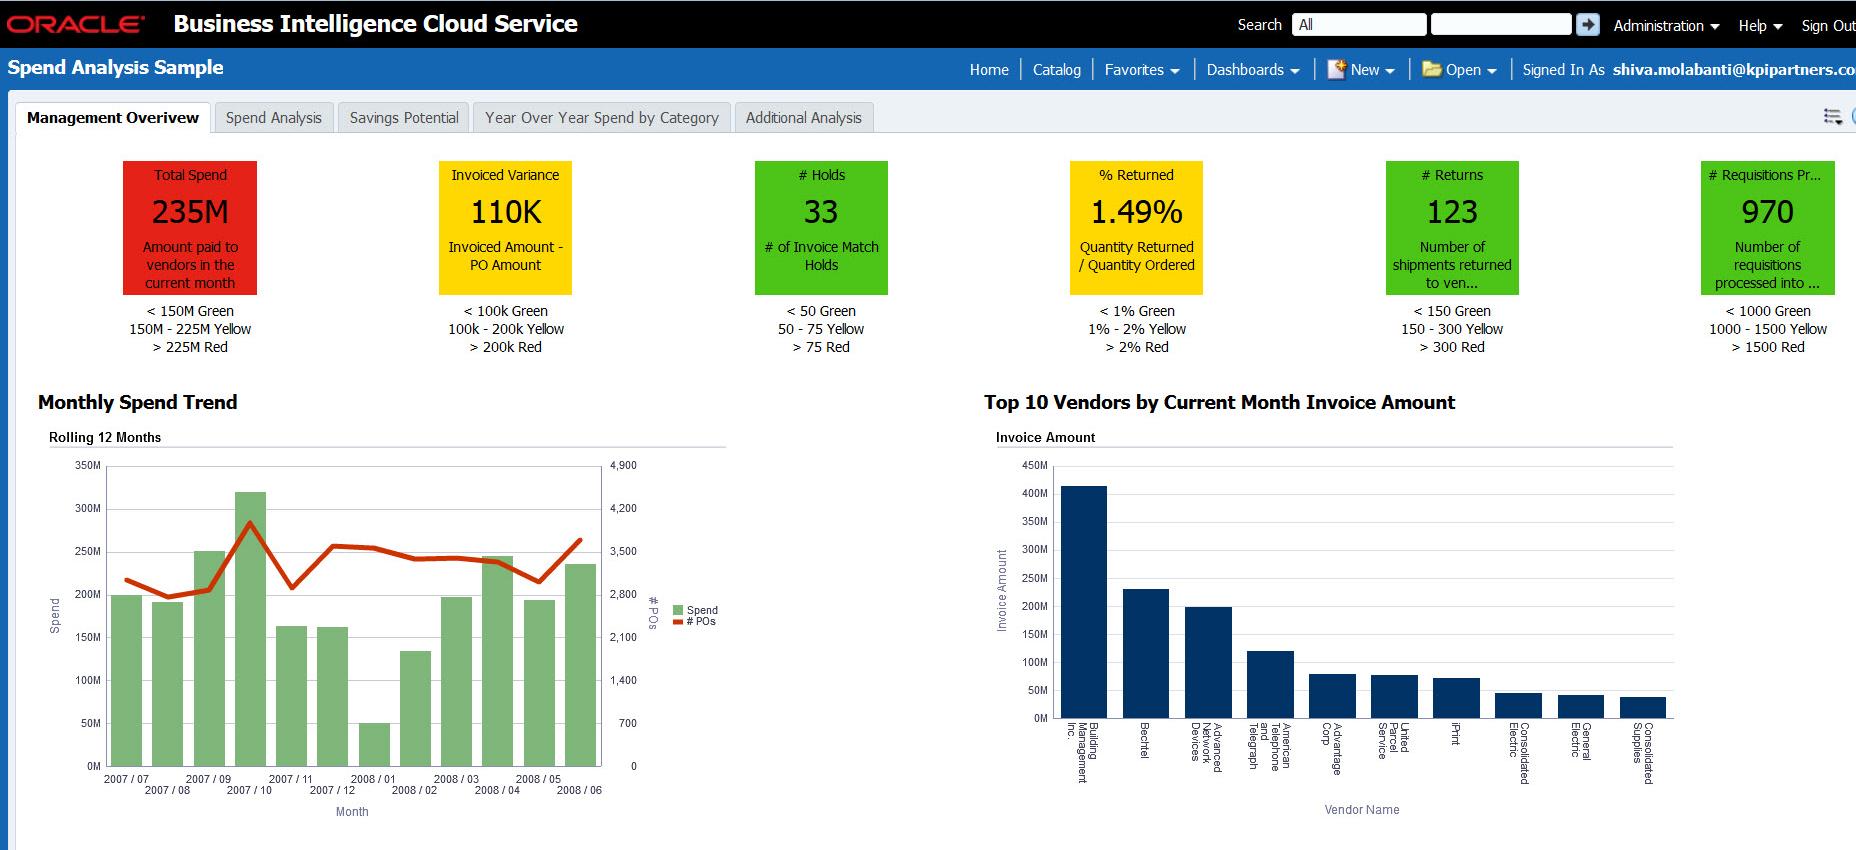 Oracle Bulut Servisleri - İş Analitiği - İş Zekası - Analytics - Business Intelligence Cloud